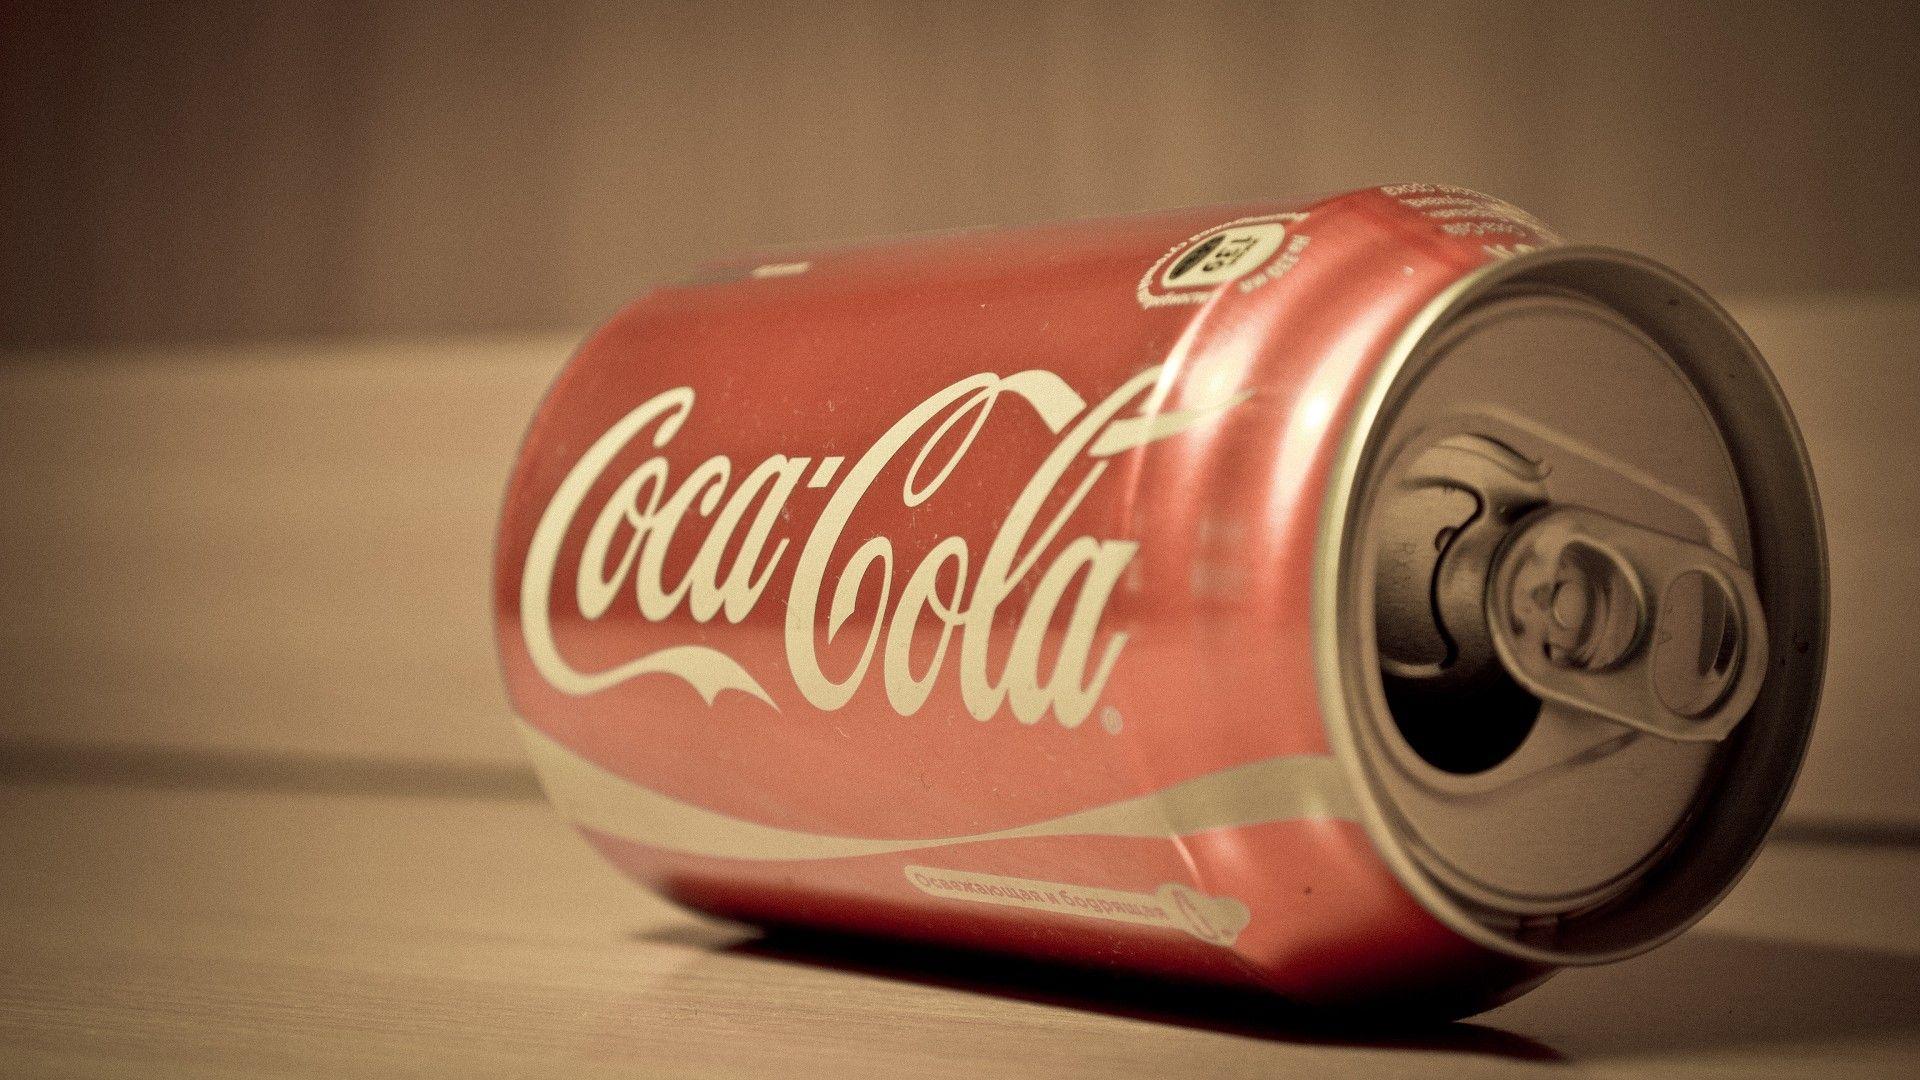 Coca Cola free download wallpaper